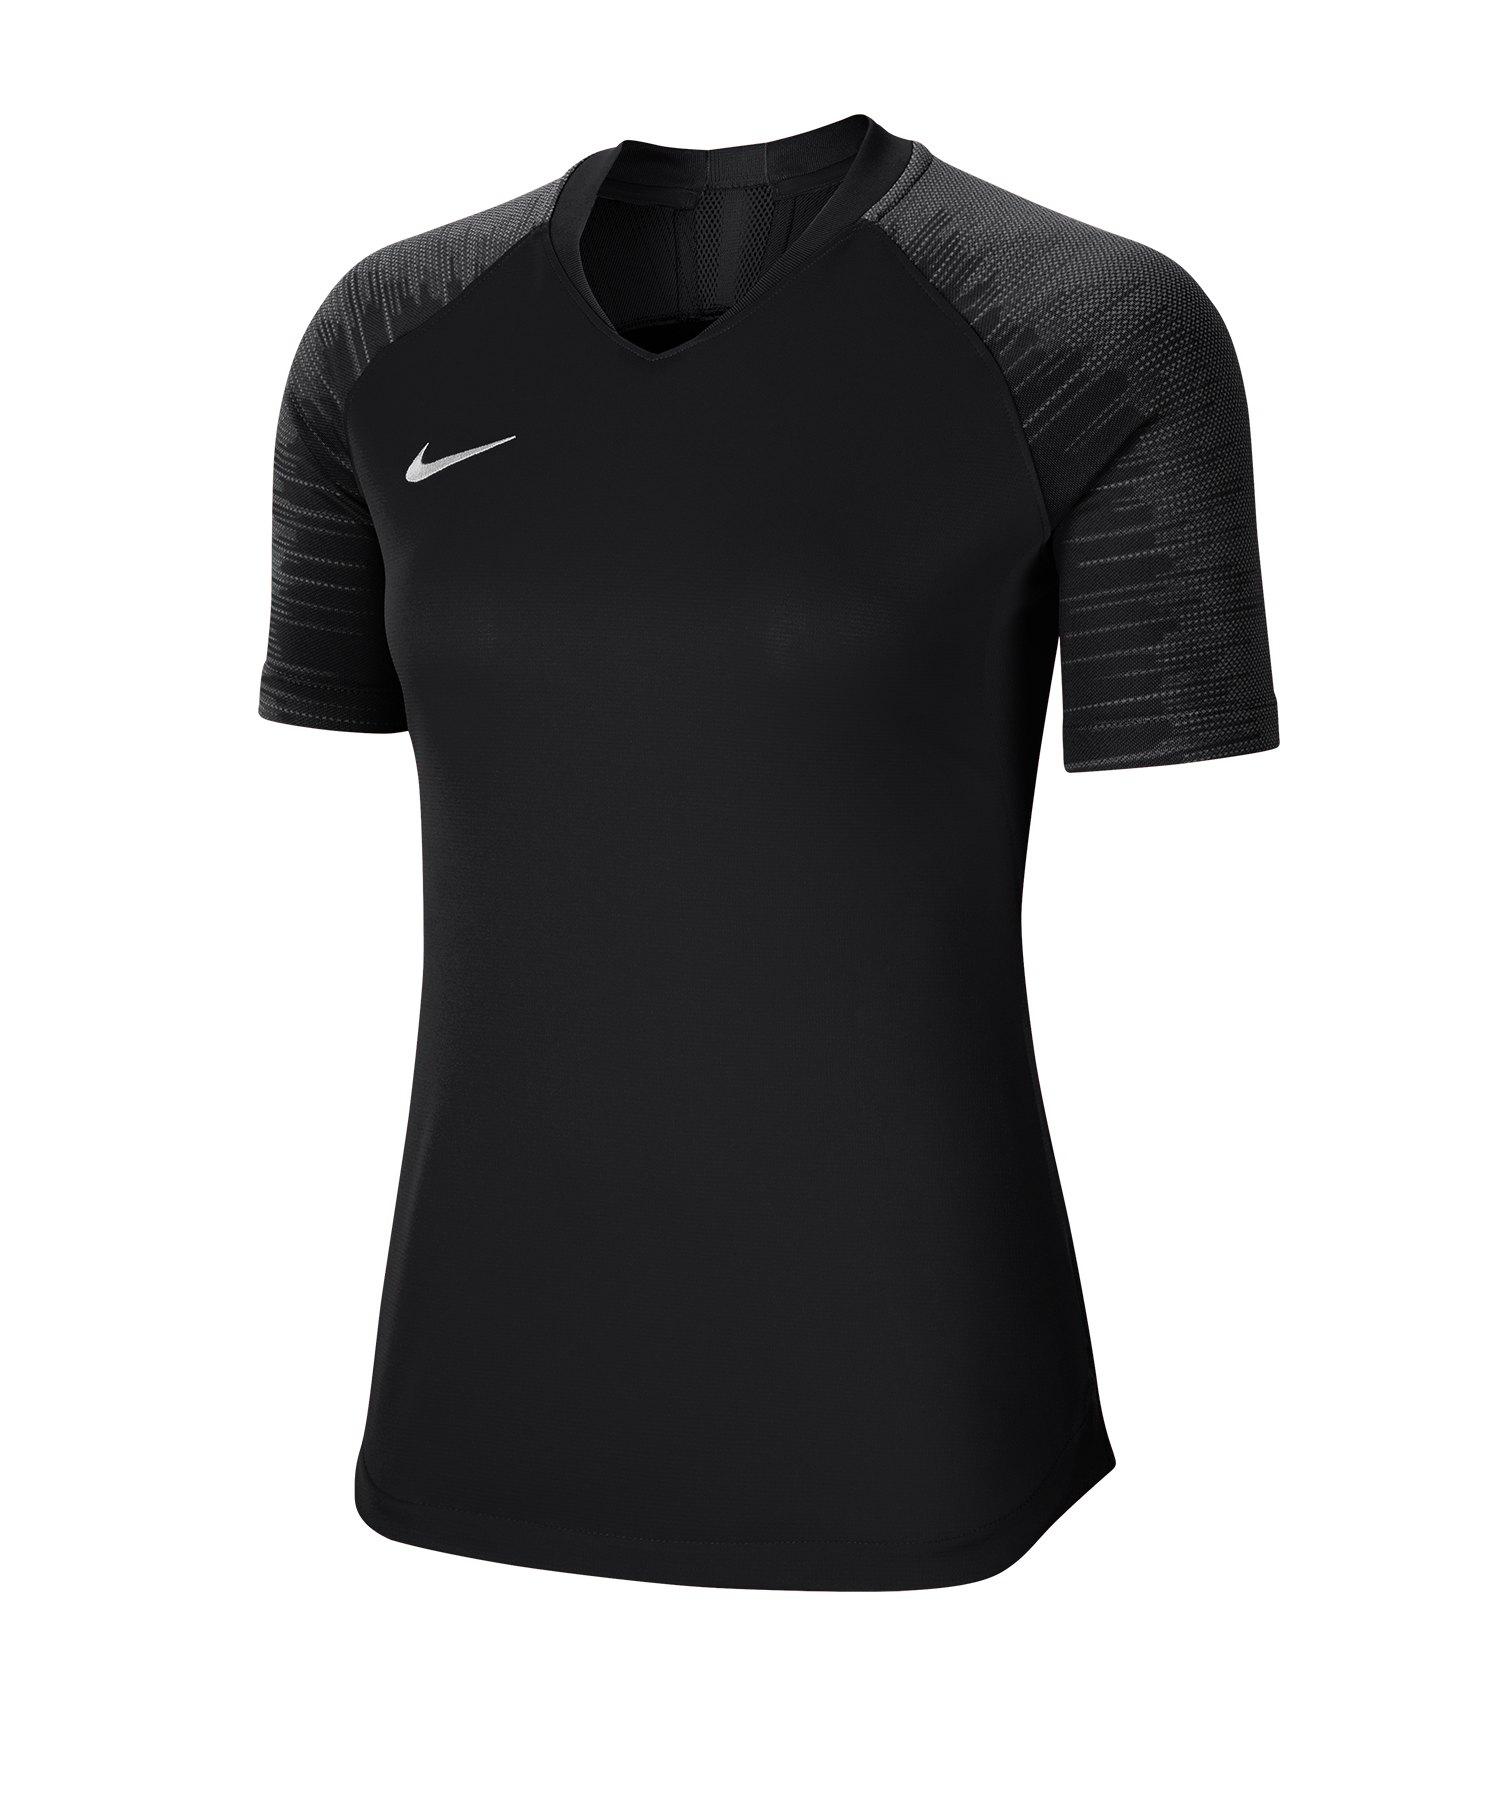 Nike Strike Trikot kurzarm Damen Schwarz F010 - schwarz